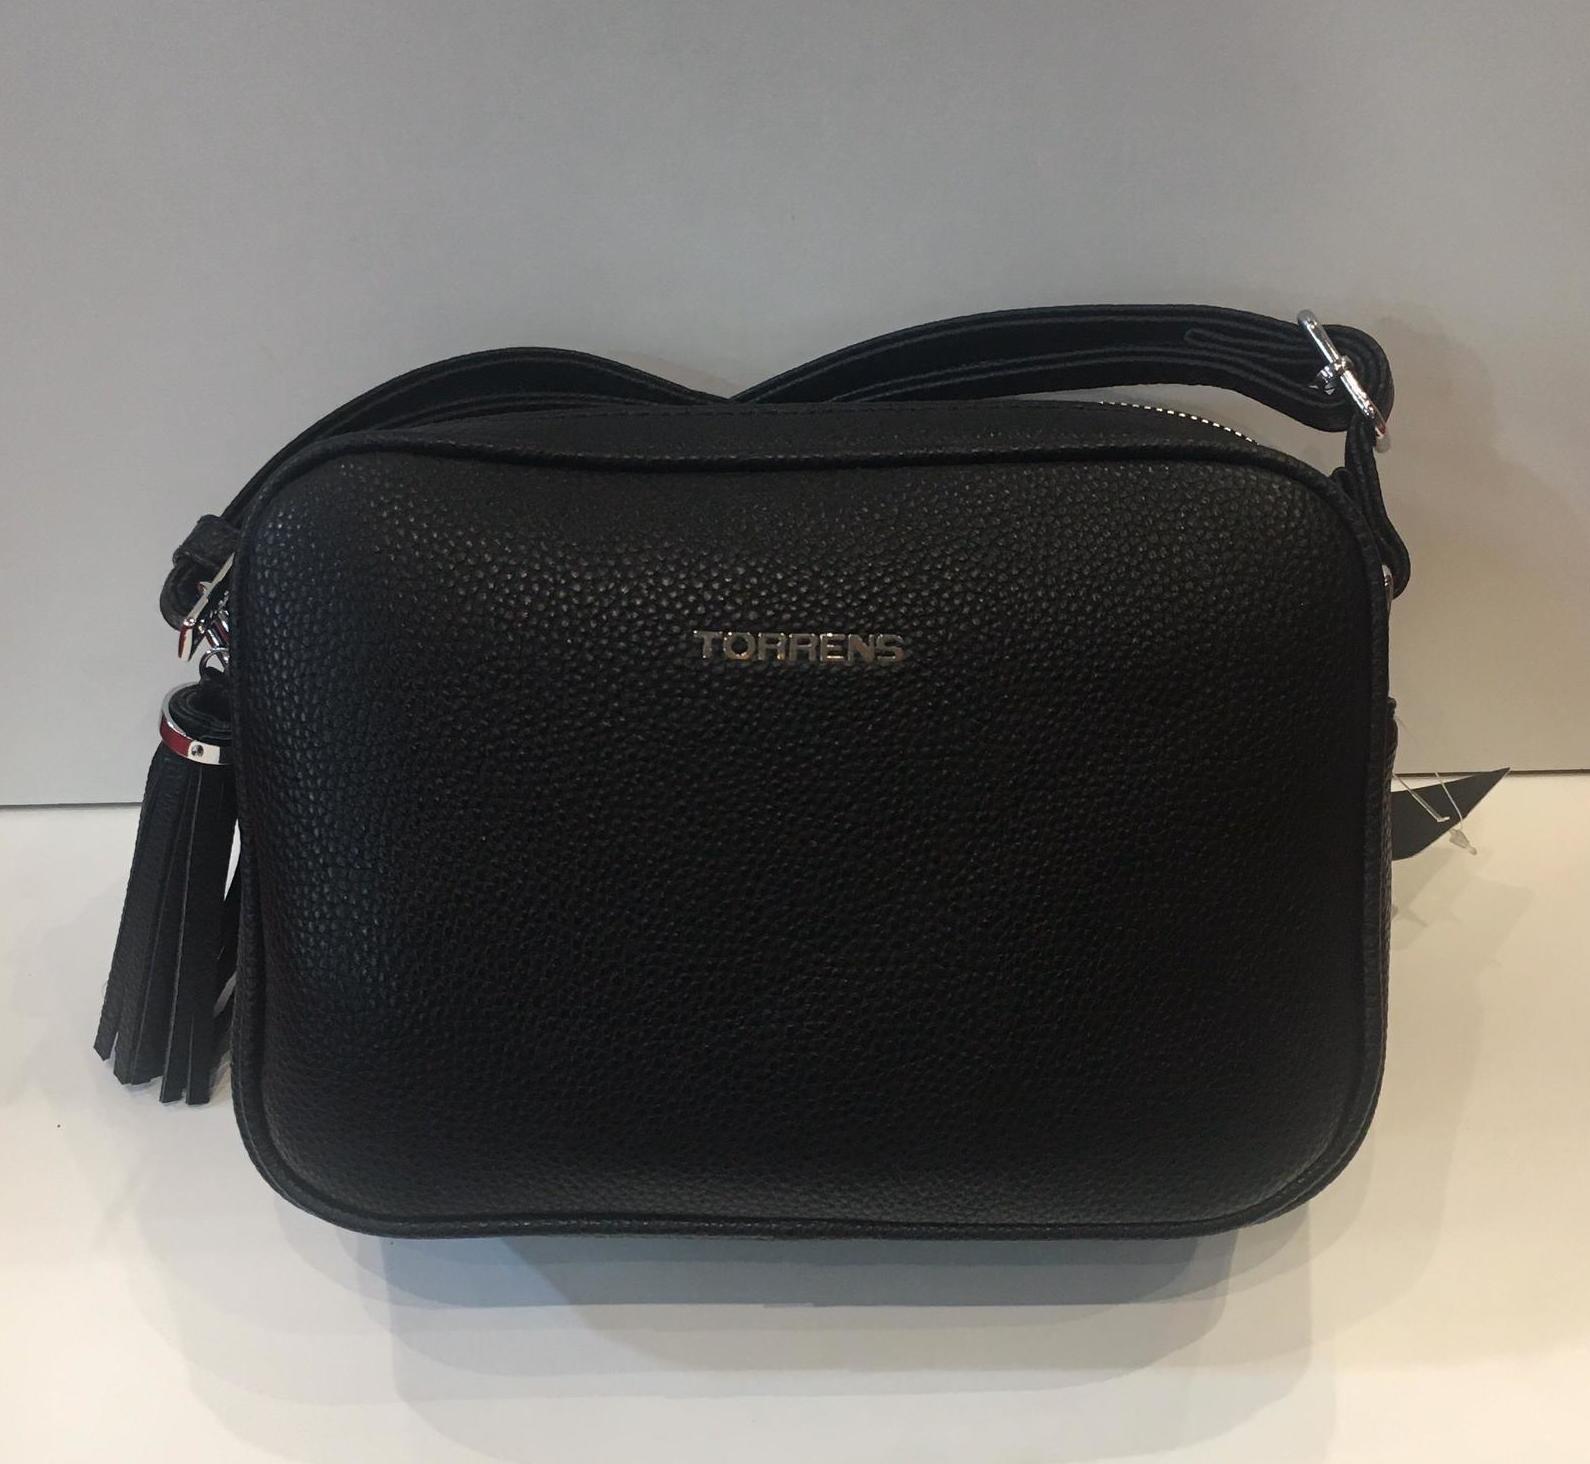 Bossa de la marca Torrens adaptable a totes les llargades 33€ — a La Bisbal.